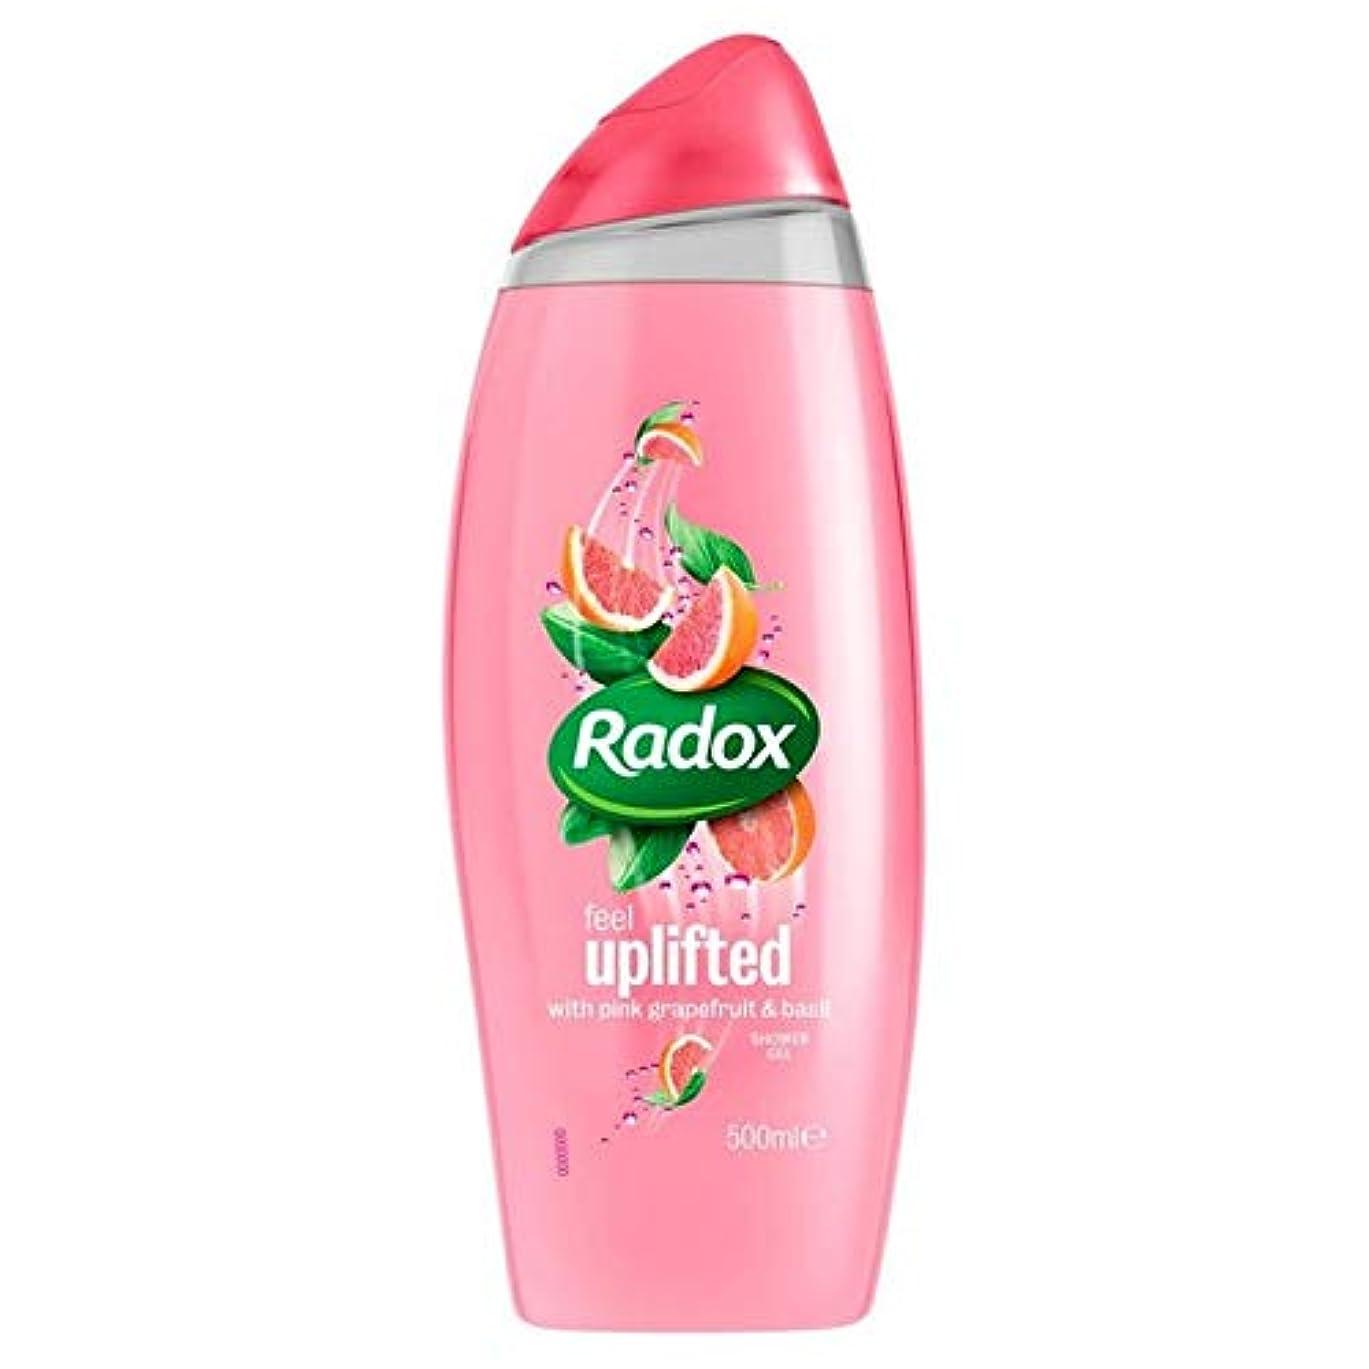 タービン労働キノコ[Radox] Radox感隆起シャワージェル500ミリリットル - Radox Feel Uplifted Shower Gel 500ml [並行輸入品]